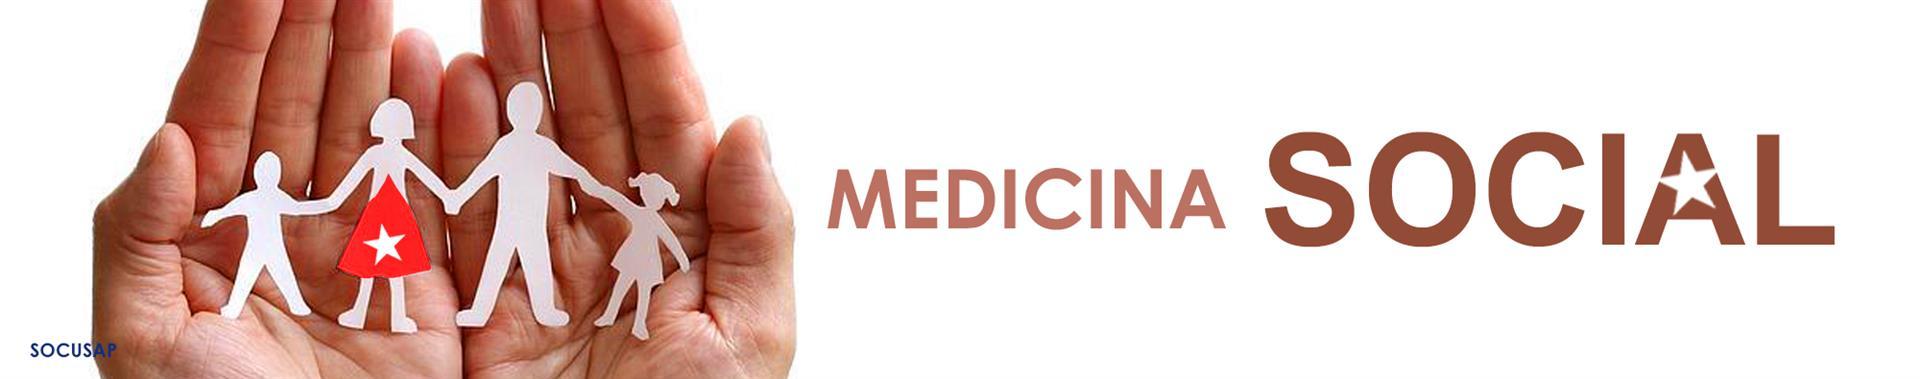 Resultado de imagen para medicina social y salud publica